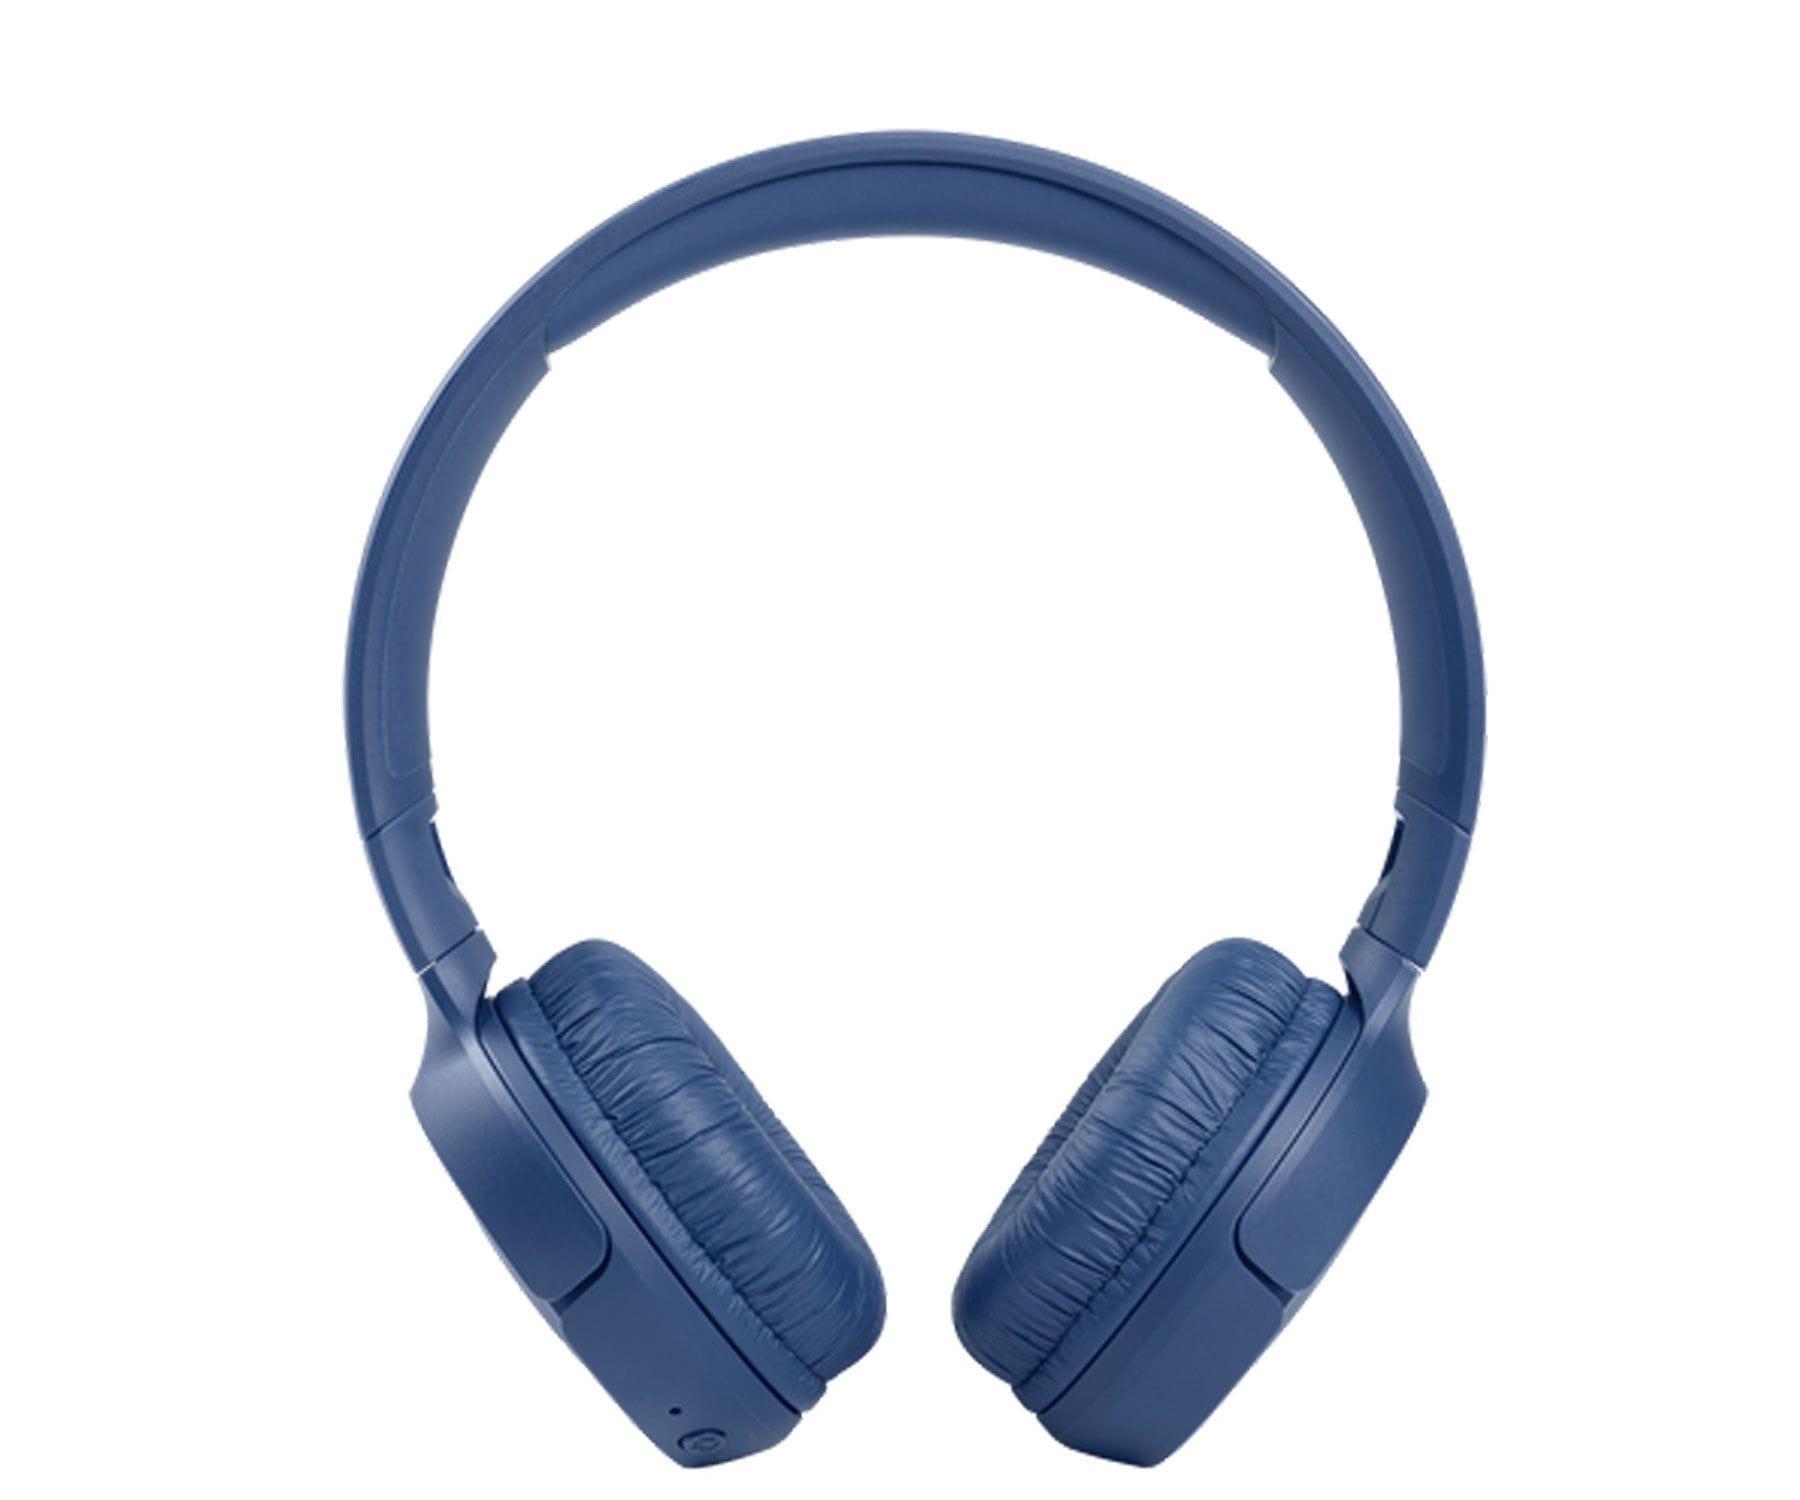 JBL Tune 510 BT Azul/Auriculares inalámbricos Bluetooth JBL Pure Bass